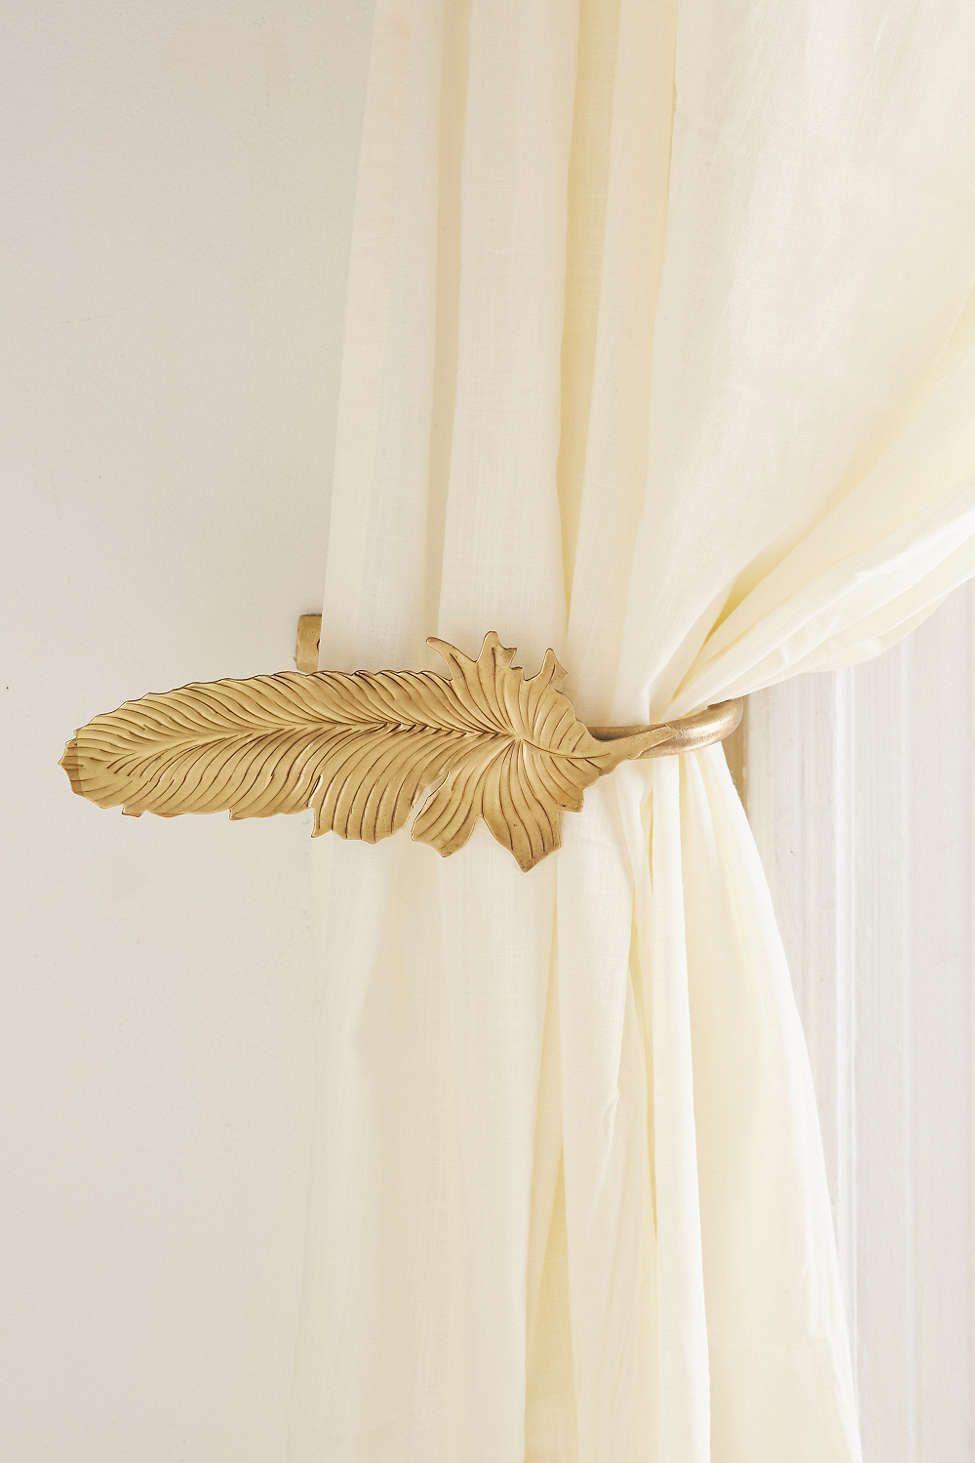 Embrase De Rideau intérieur magical thinking - embrasse de rideau plume | chambre de roses